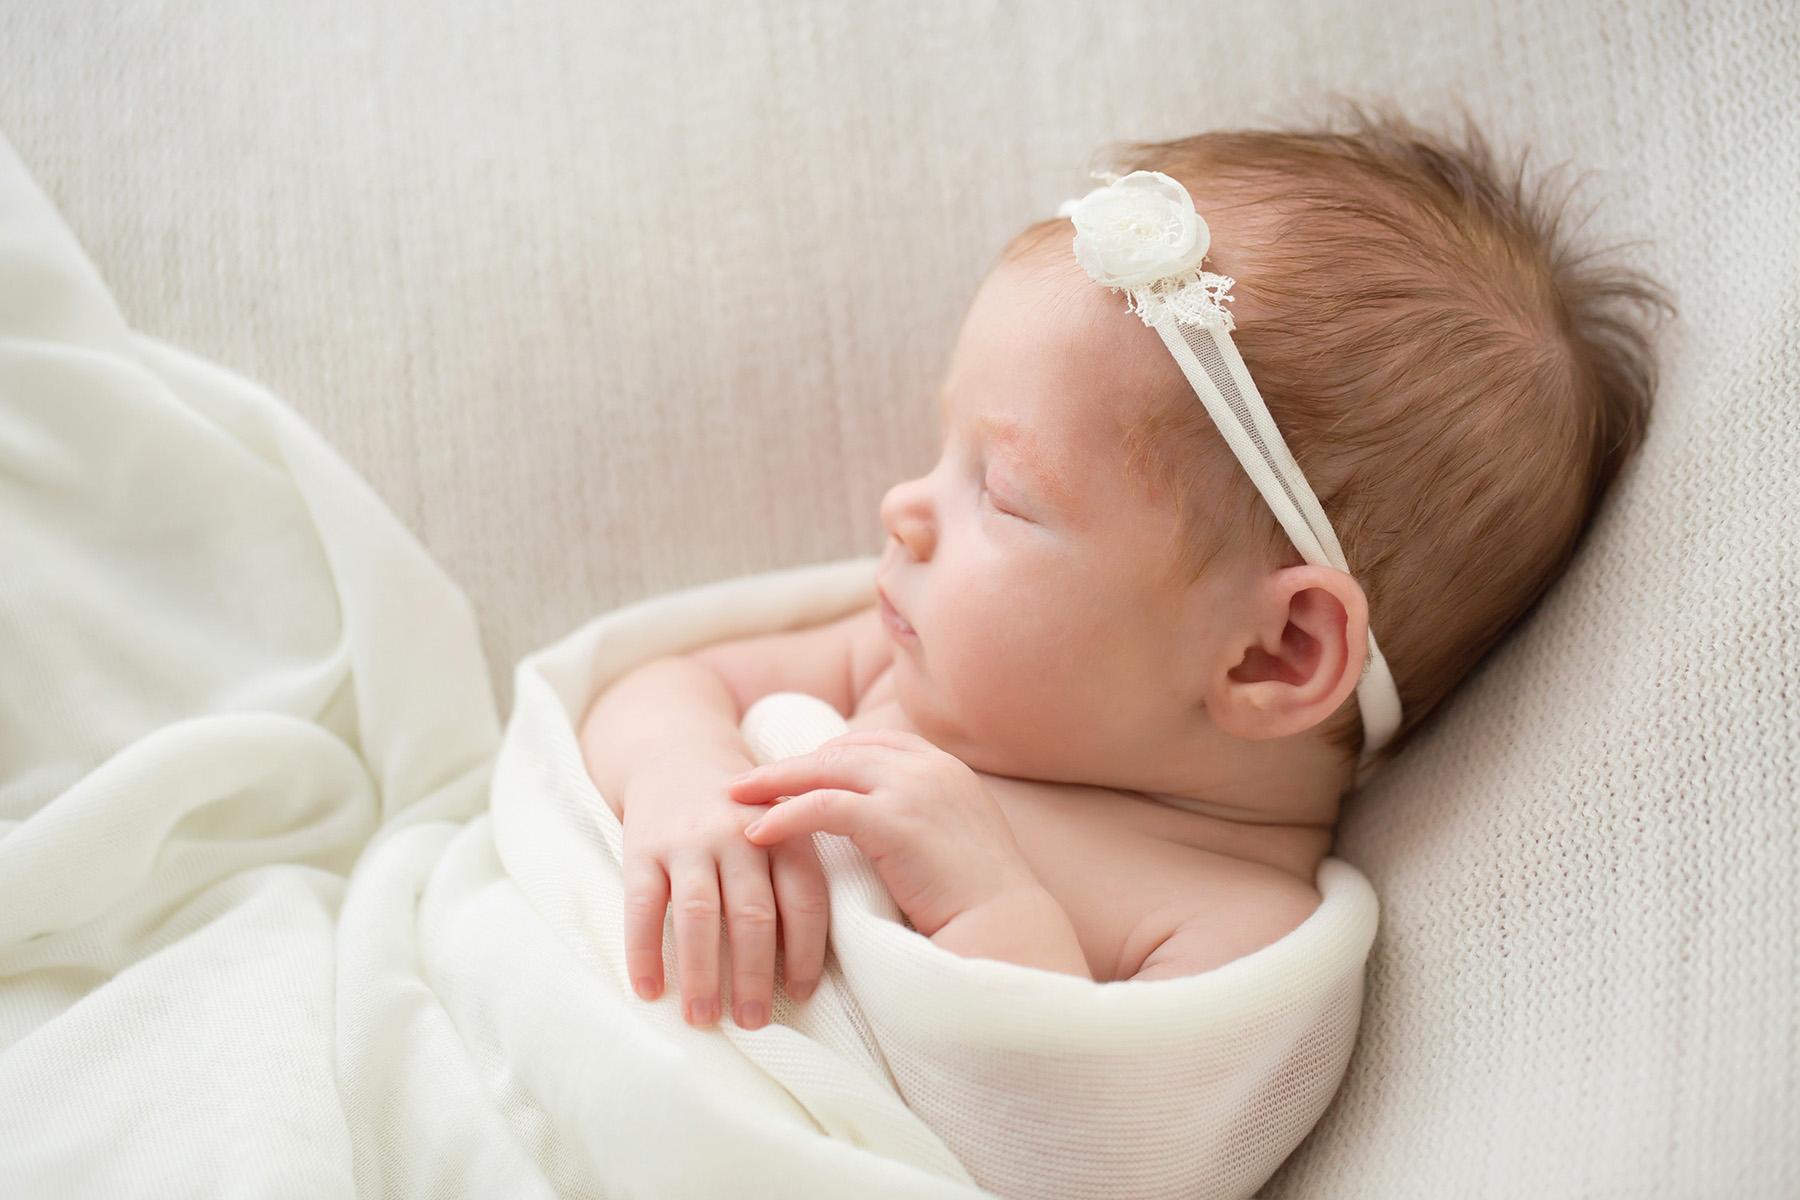 Louisville KY newborn photographer | Julie Brock Photography | maternity | family | louisville photography studio | natural newborn baby photography in Louisville